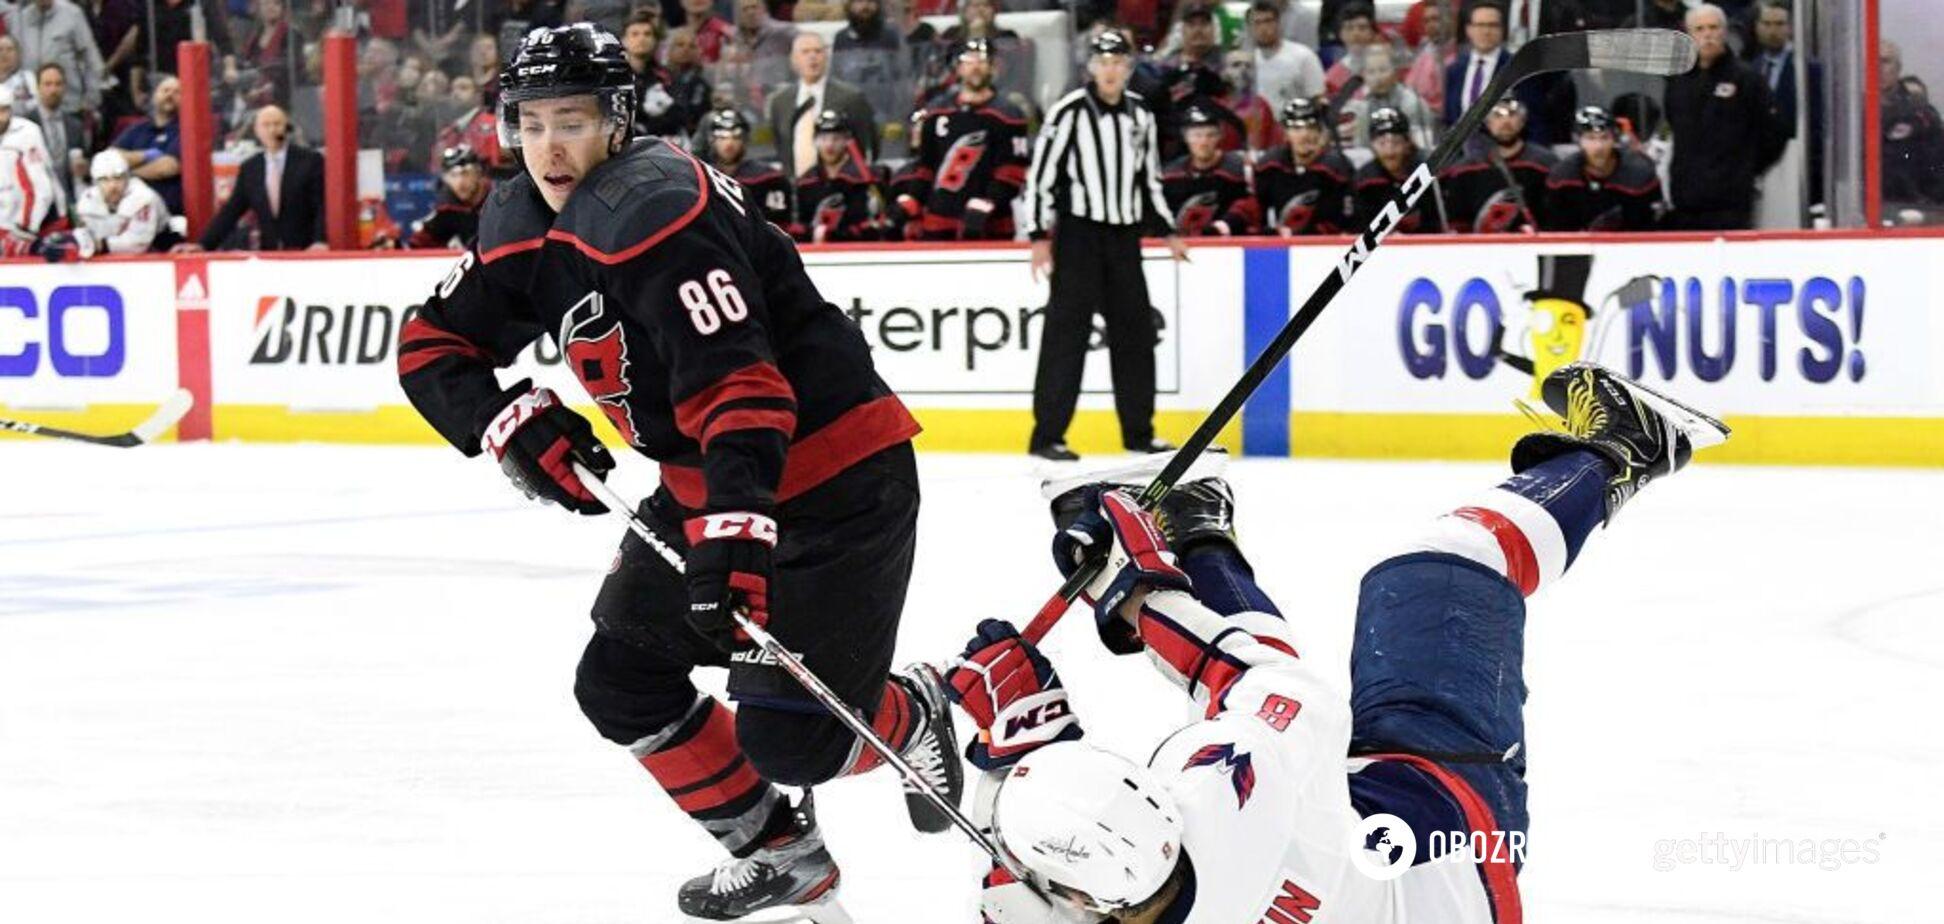 Лучший хоккеист России эпично оконфузился в матче НХЛ: видео курьеза